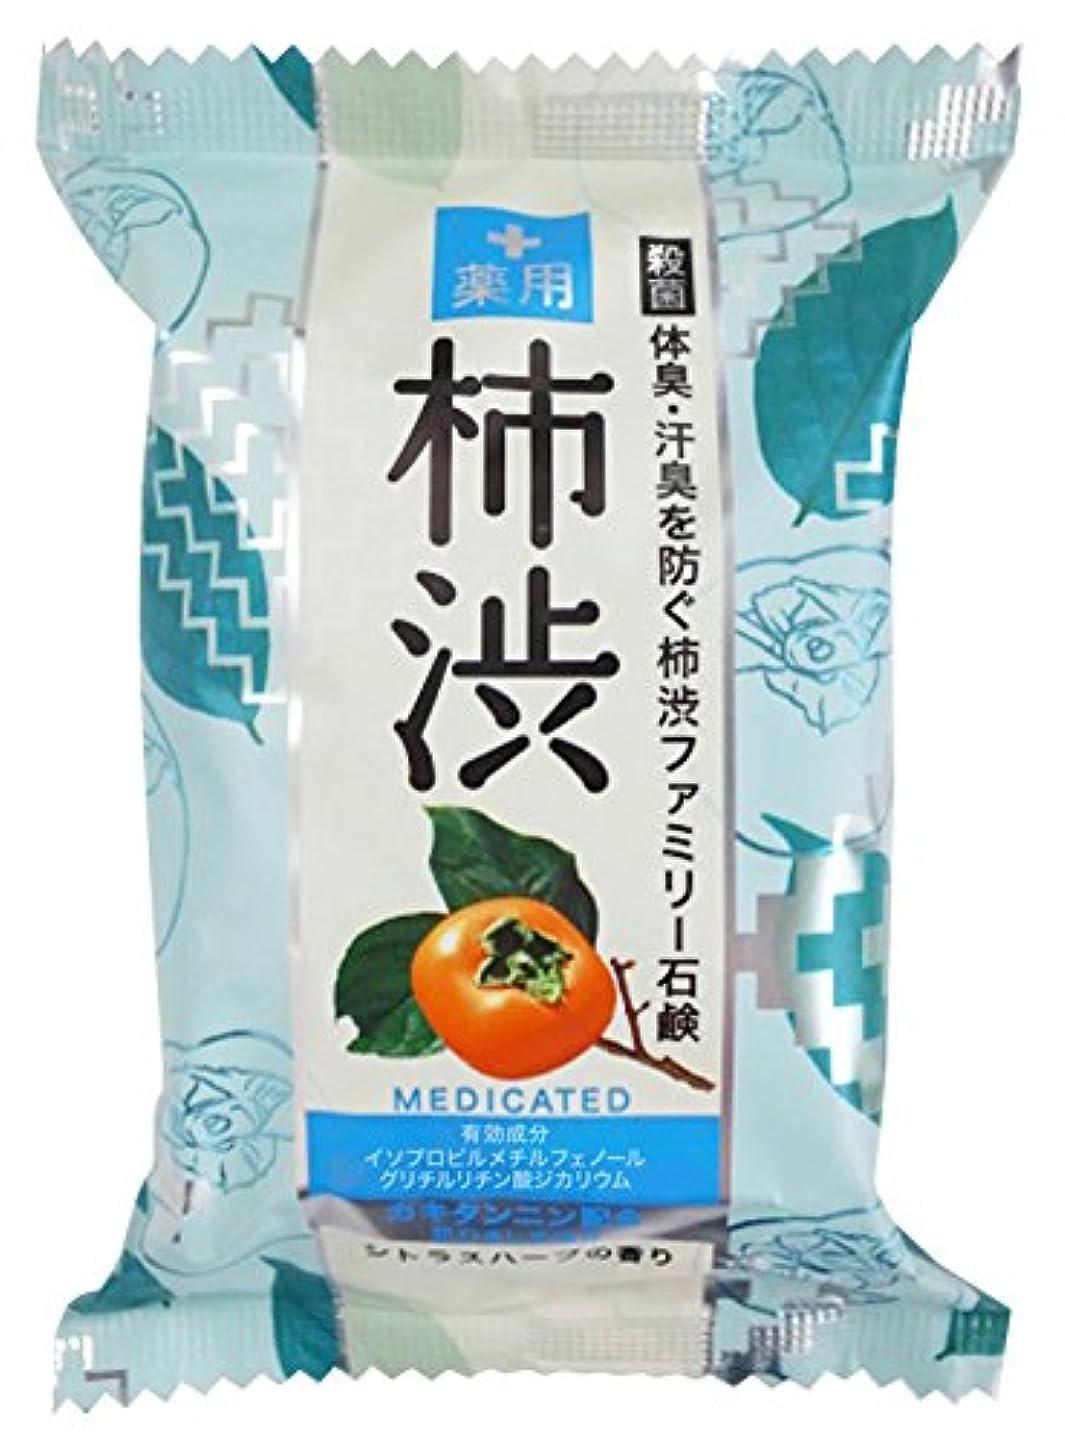 アセ回転させるマラドロイトペリカン石鹸 薬用ファミリー柿渋石鹸